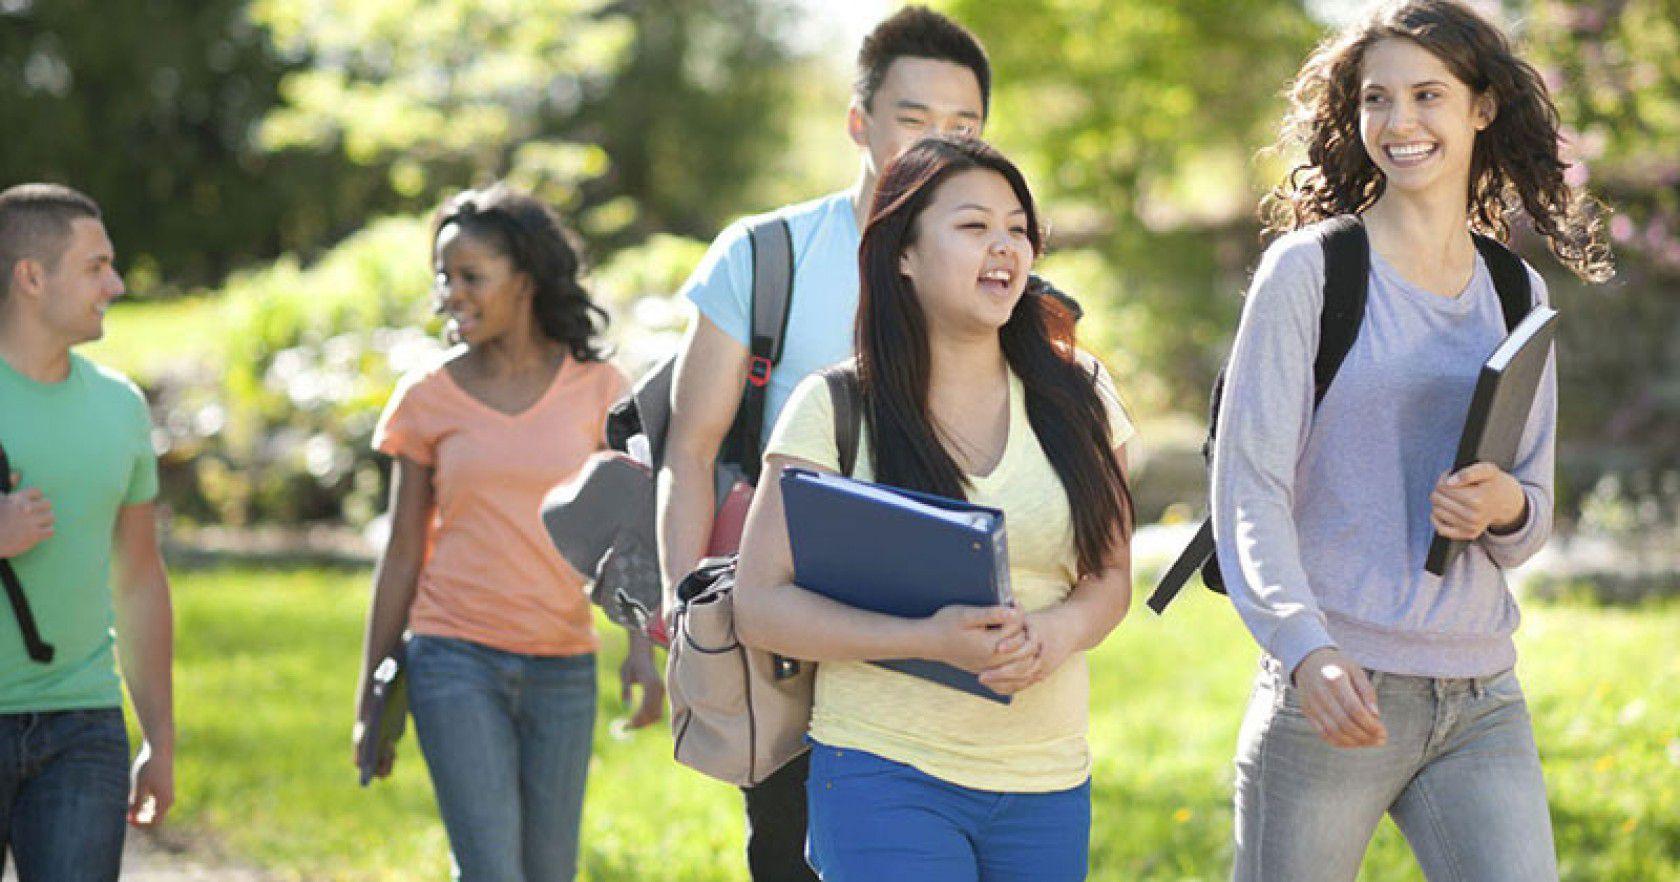 Avustralya Lise Eğitimi için Gerekli Evraklar